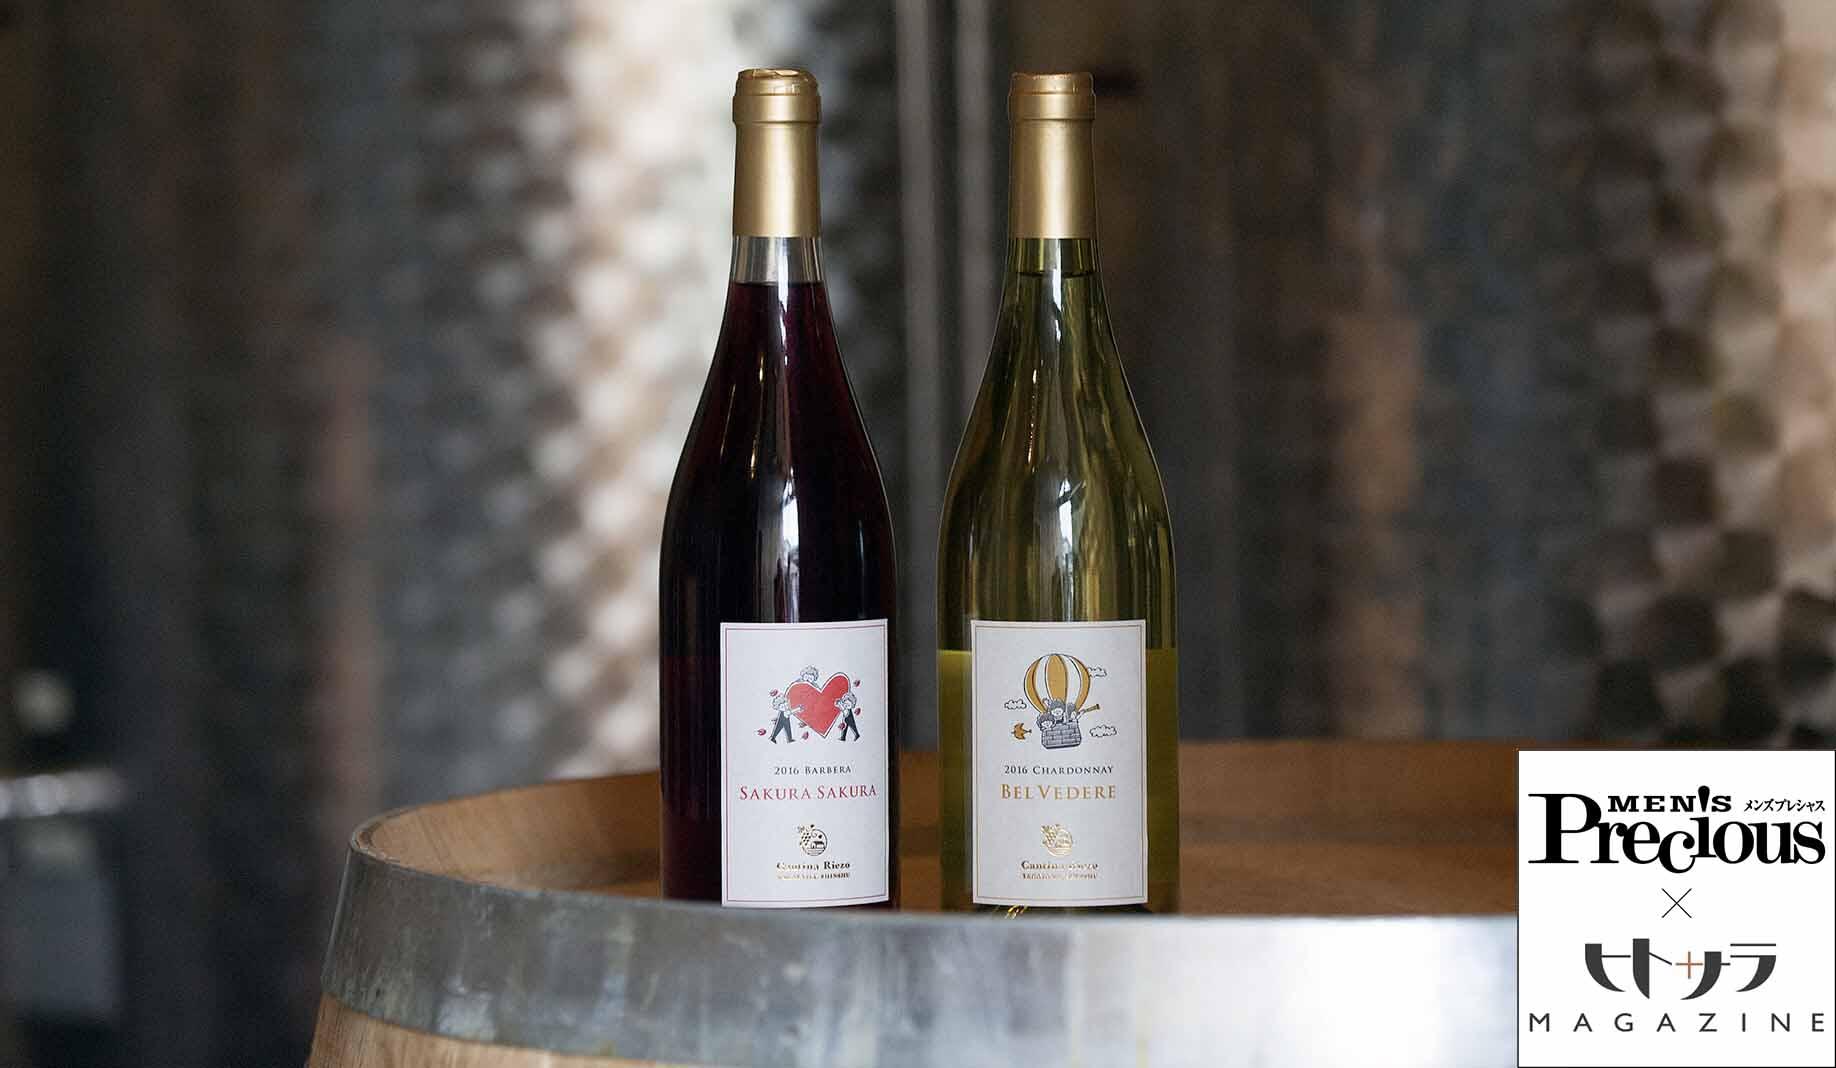 長野で生まれたワイン、カンティーナ・リエゾーの赤と白